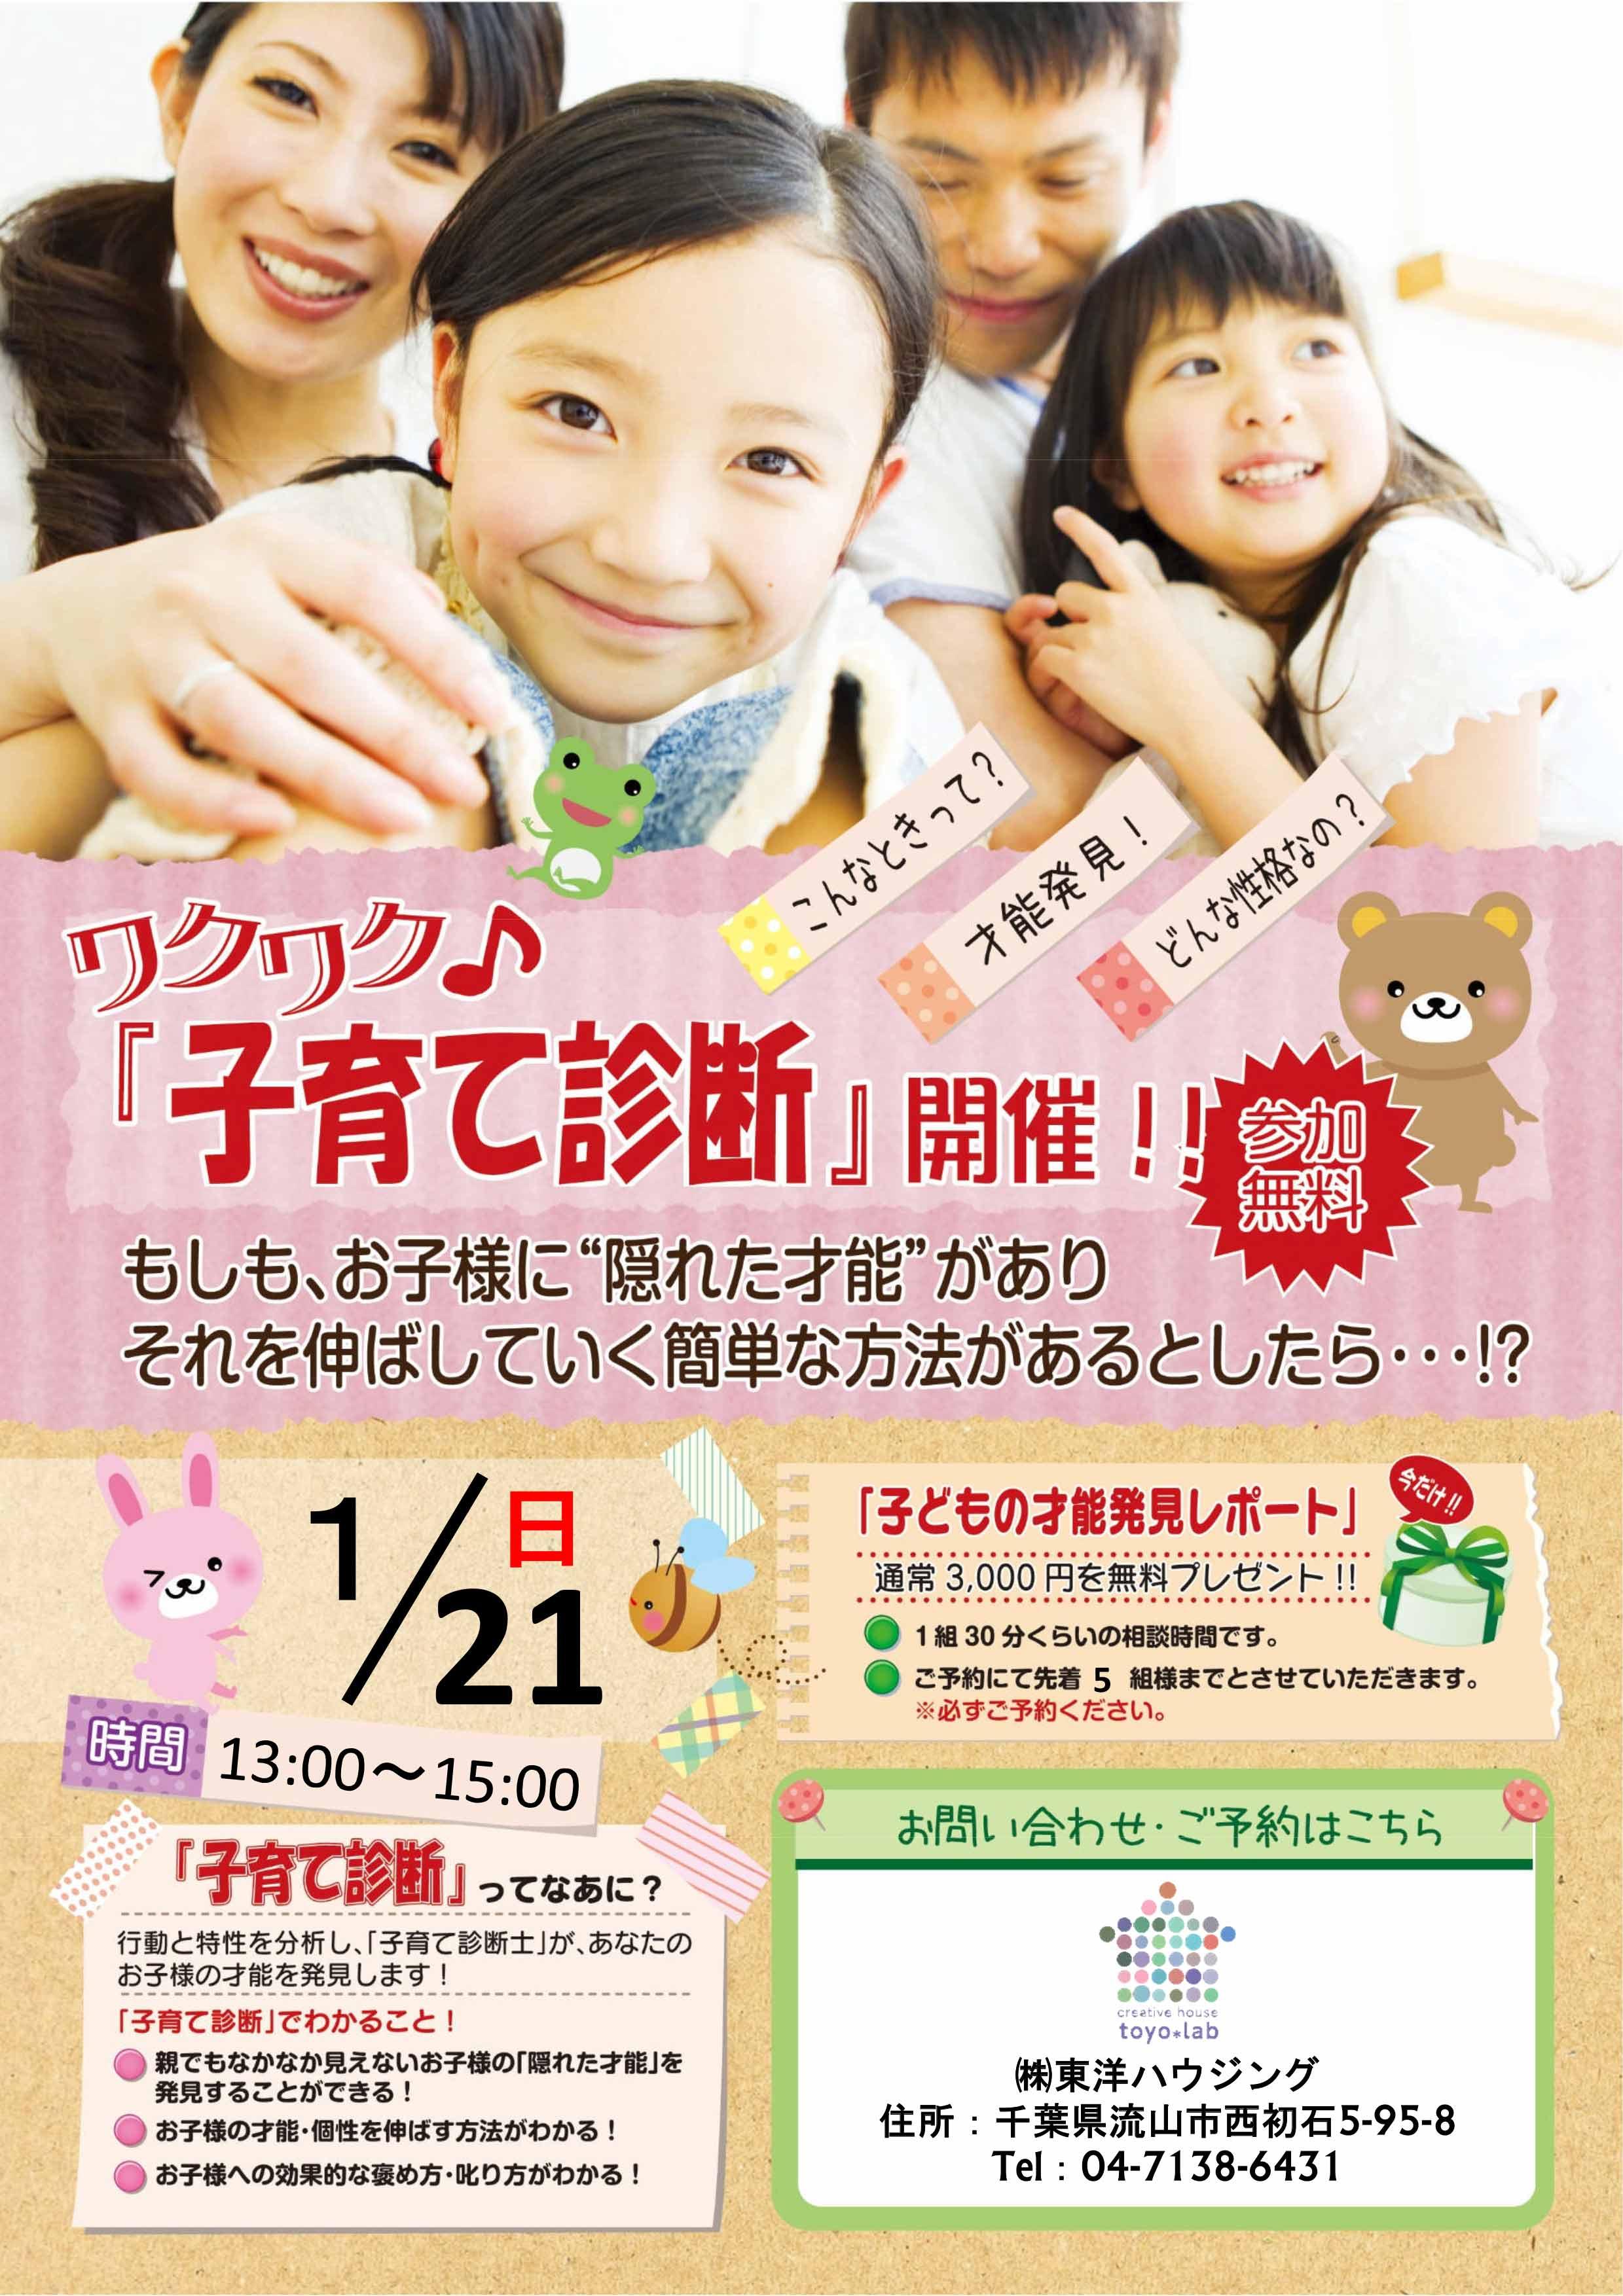 【流山おおたかの森 N-jyo koya】ワクワク♪『子育て診断』1月21日(日)<参加無料・ご予約下さい>